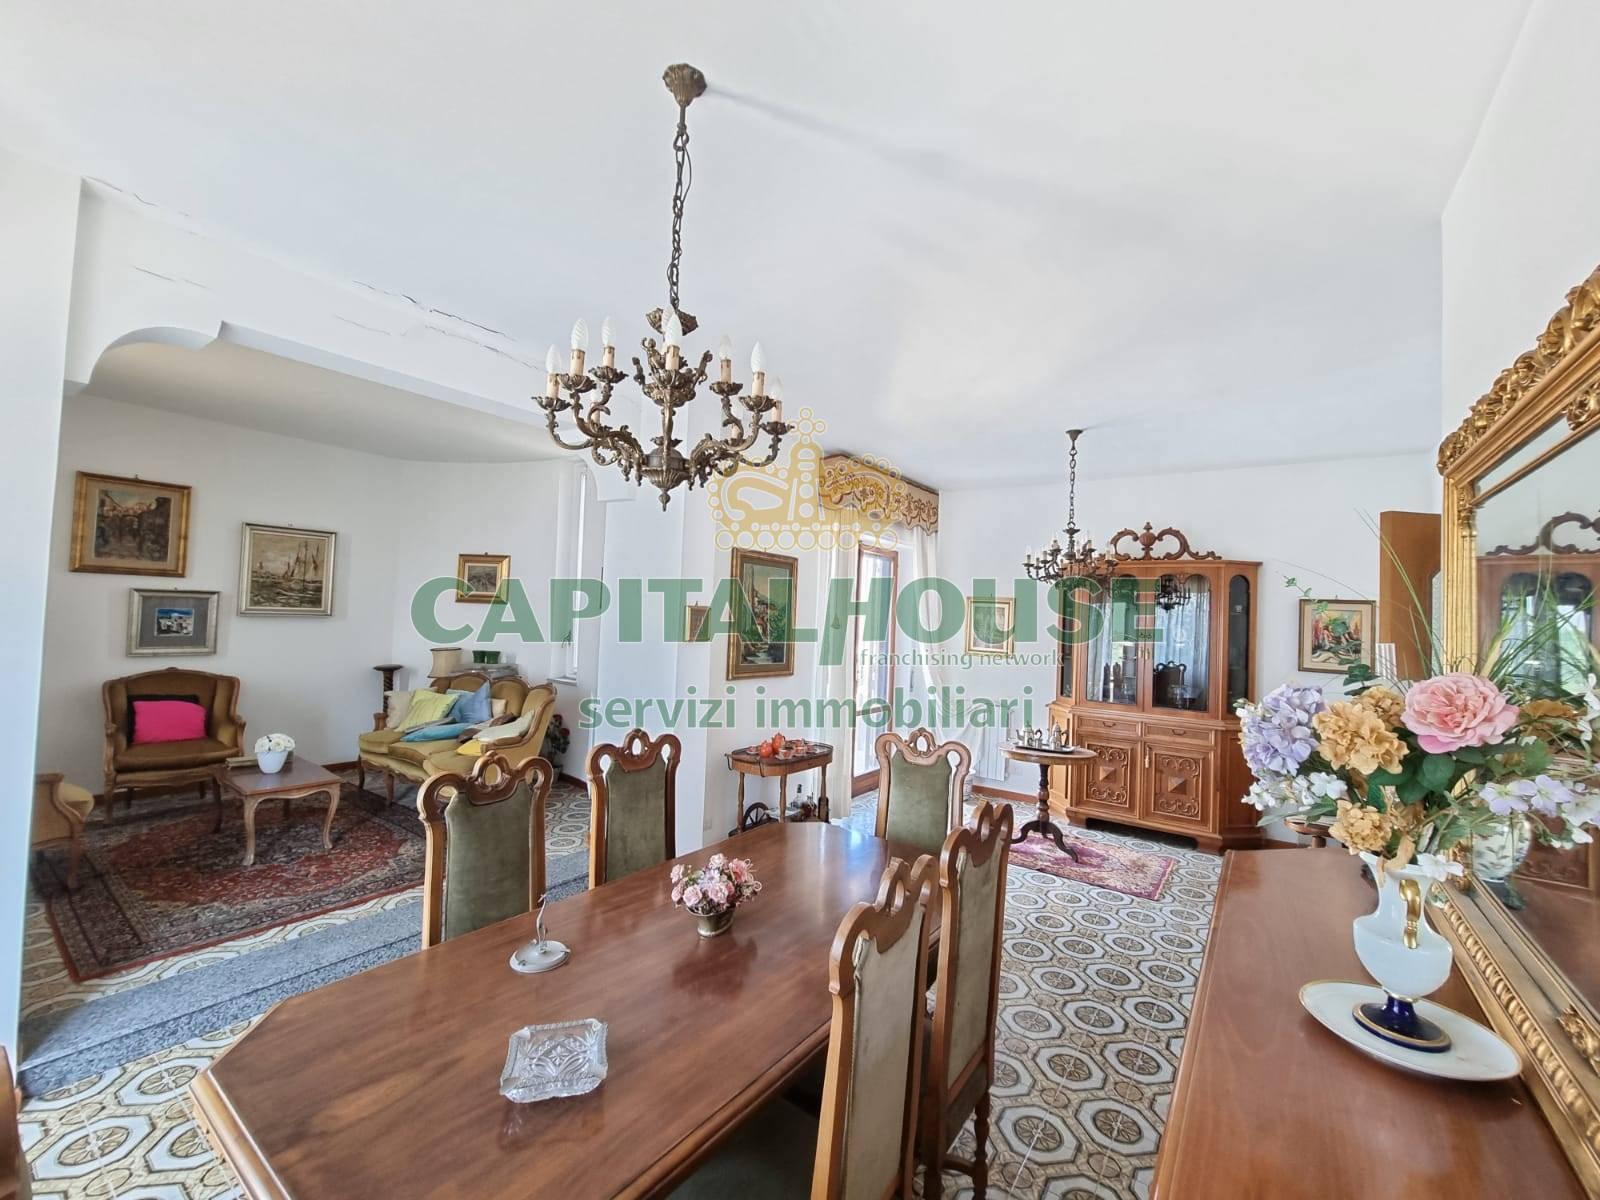 Appartamento in vendita a Caserta, 5 locali, zona Località: Lincoln, prezzo € 210.000 | PortaleAgenzieImmobiliari.it